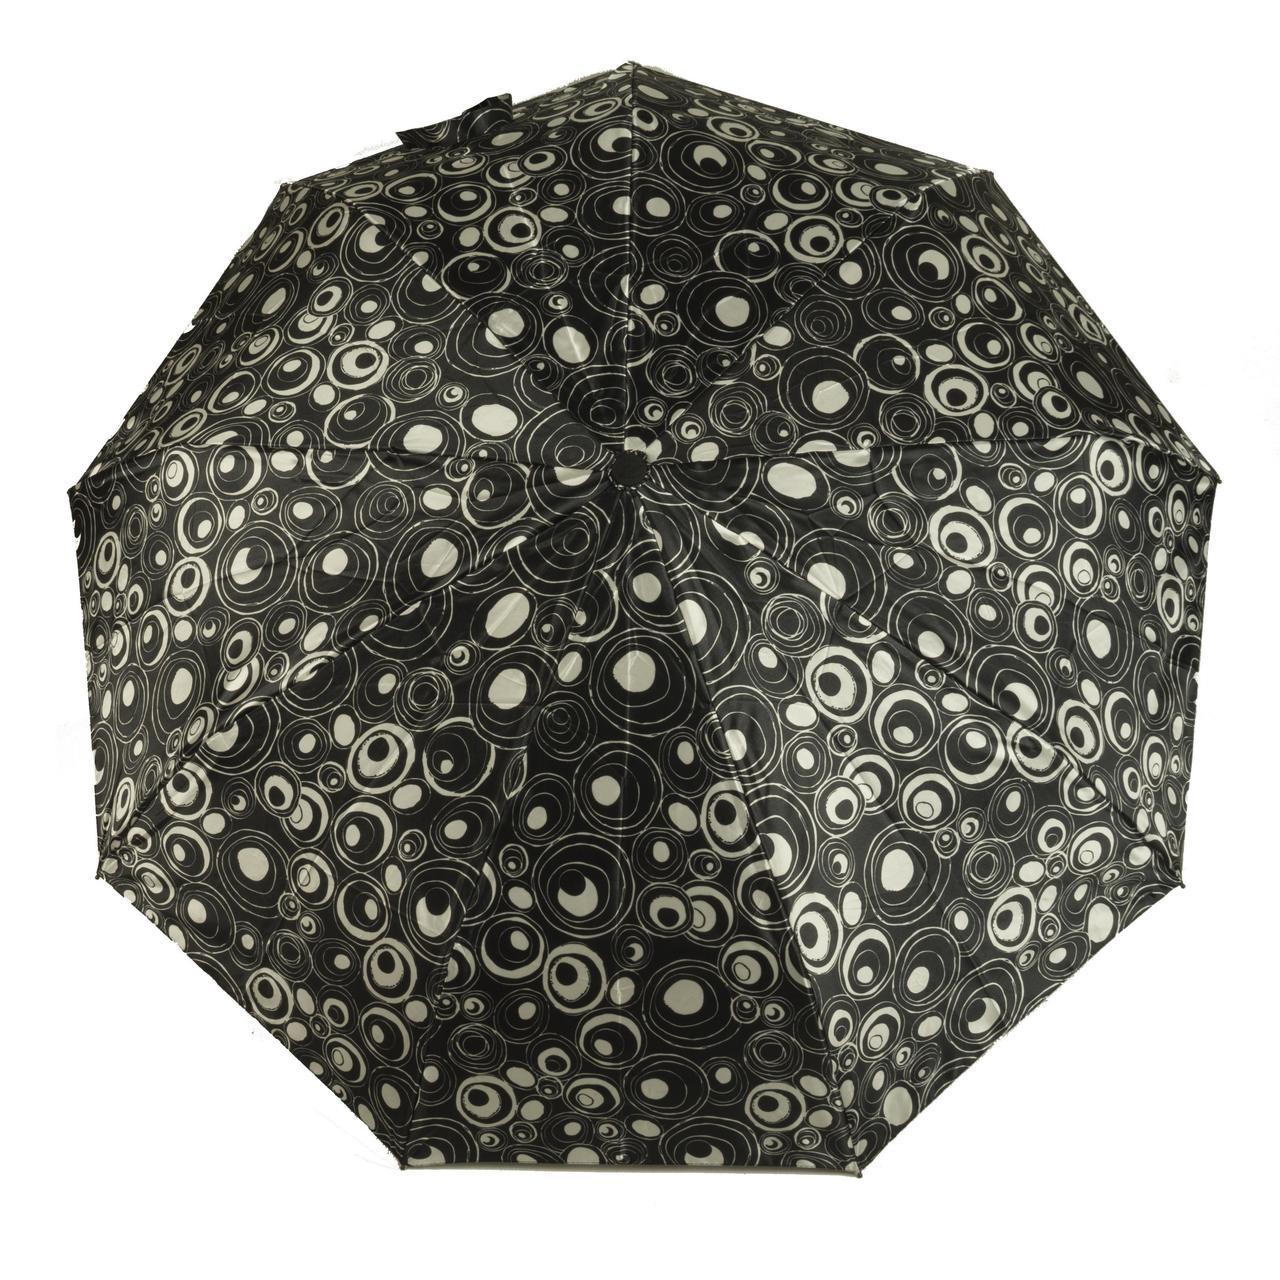 Женский симпатичный прочный зонтик автомат Frai REGEN  art. 565 черный/белый (102937)